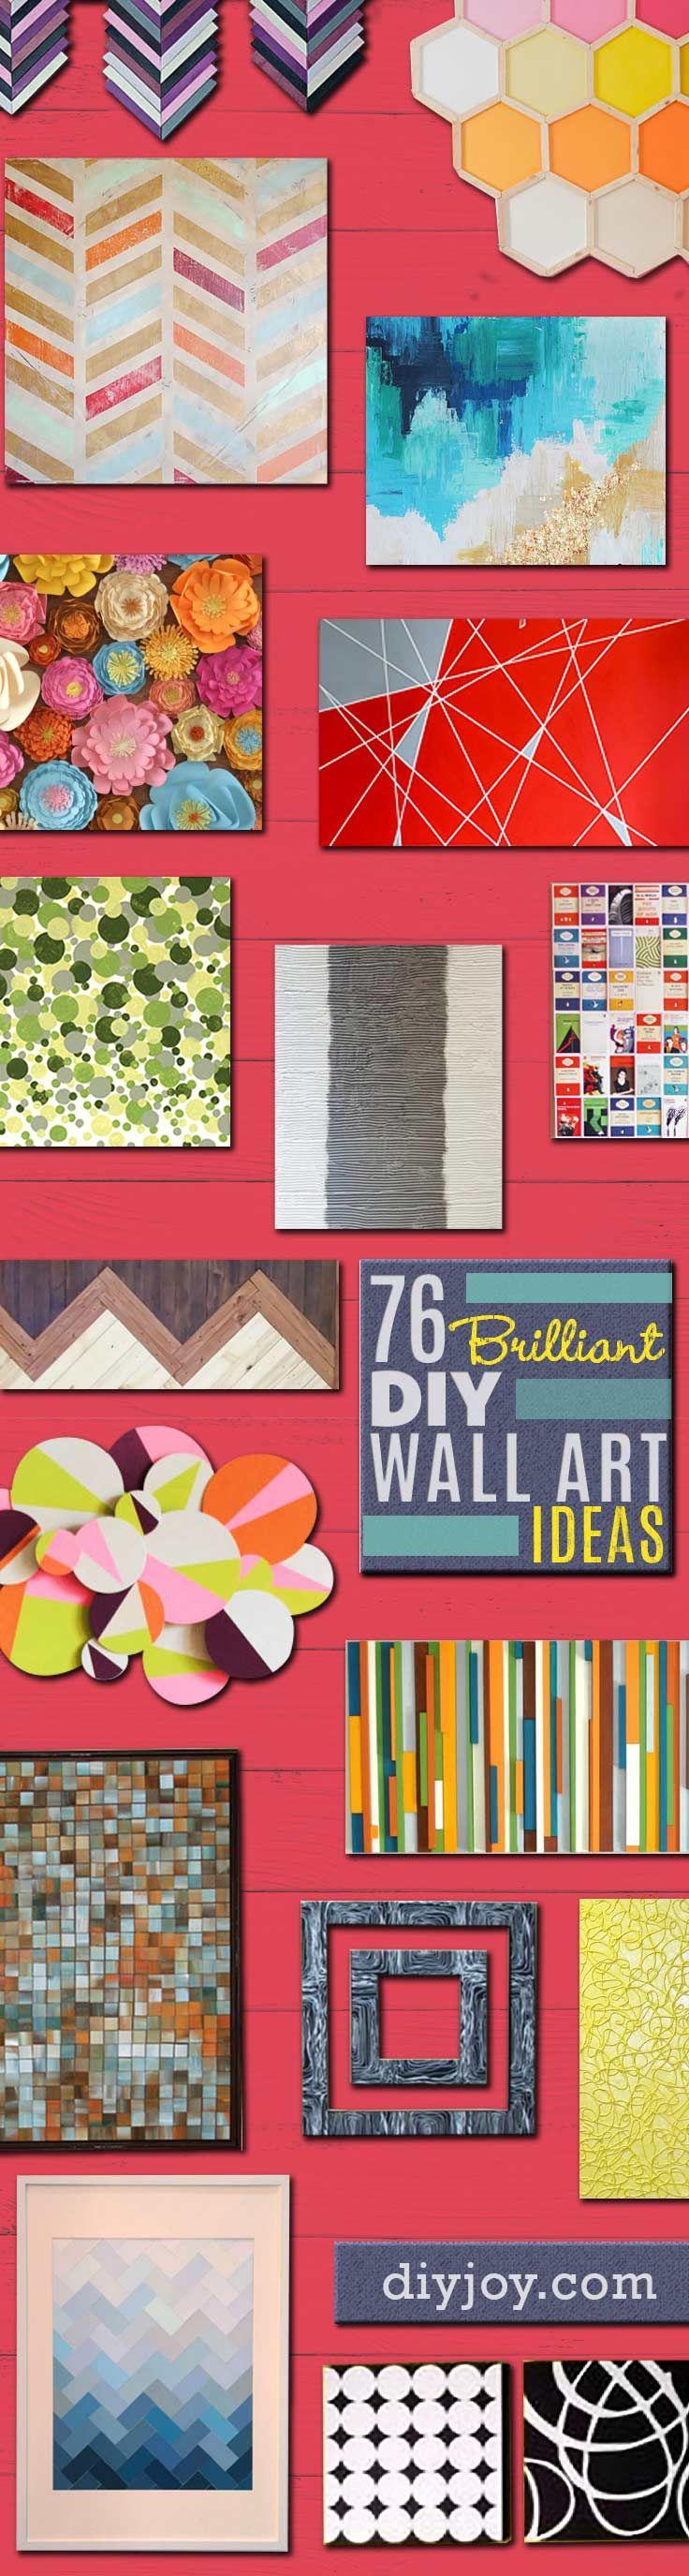 DIY Wall Art idéer och göra det själv väggdekor för vardagsrum, sovrum, badrum, Teen Rum |  Modern, abstrakt, rustikt, enkelt, enkelt och prisvärt Wall Art Tutorials |  Billiga Idéer för dem som en budget.  Måla Grymt hänga bilder med dessa enkla steg för steg instruktioner för DIY projekt och Heminredning Idéer |  http://diyjoy.com/diy-wall-art-decor-ideas